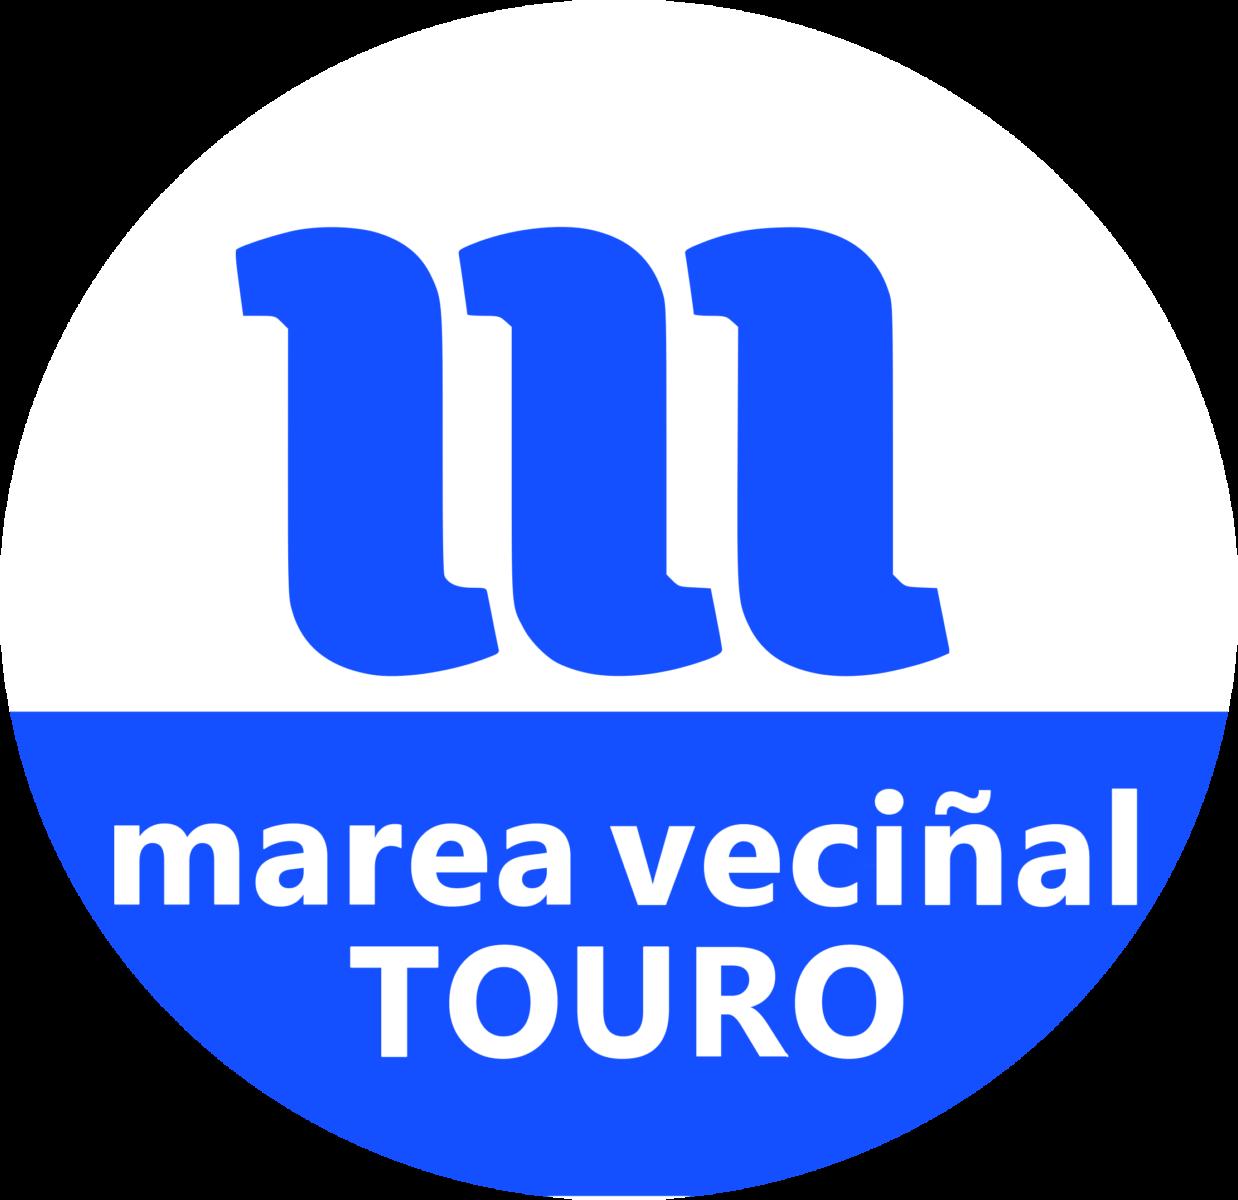 logo-marea-vecinhal1